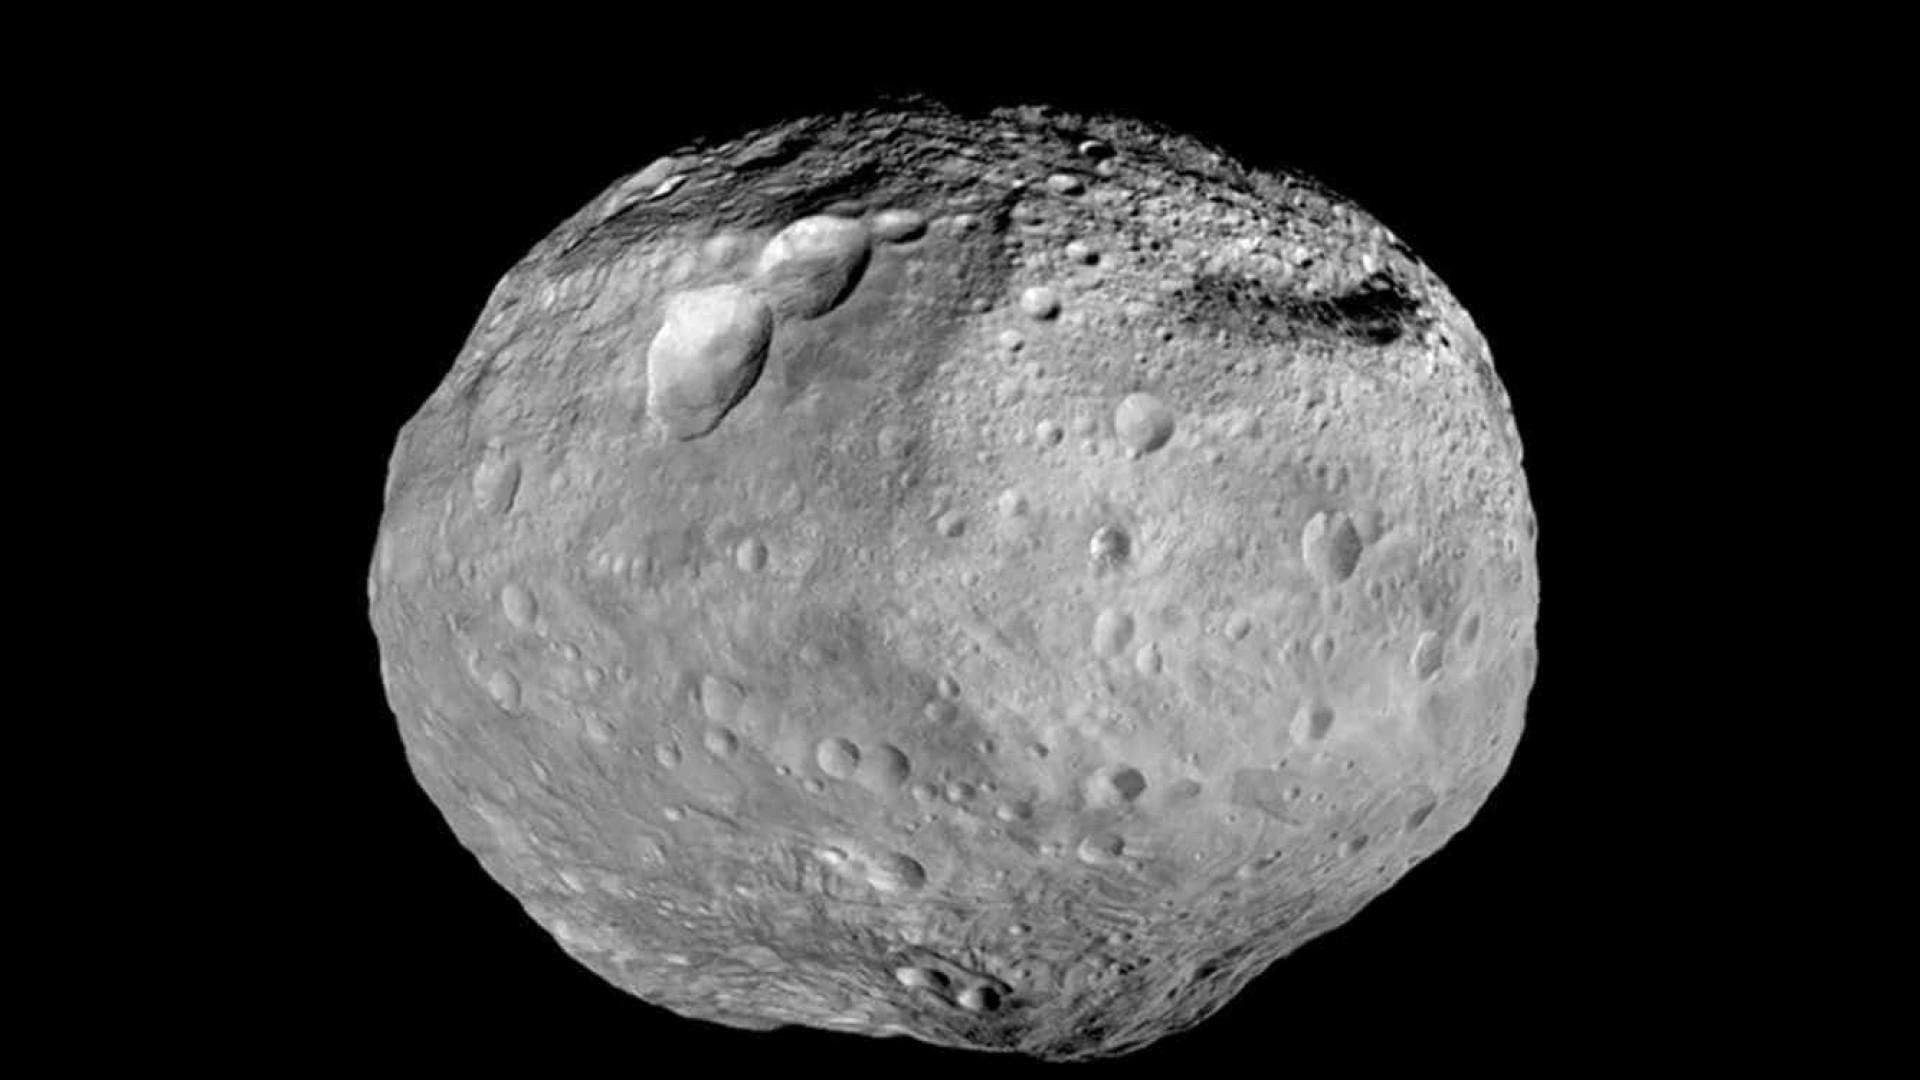 Nasa alerta para aproximação de asteroide na próxima semana